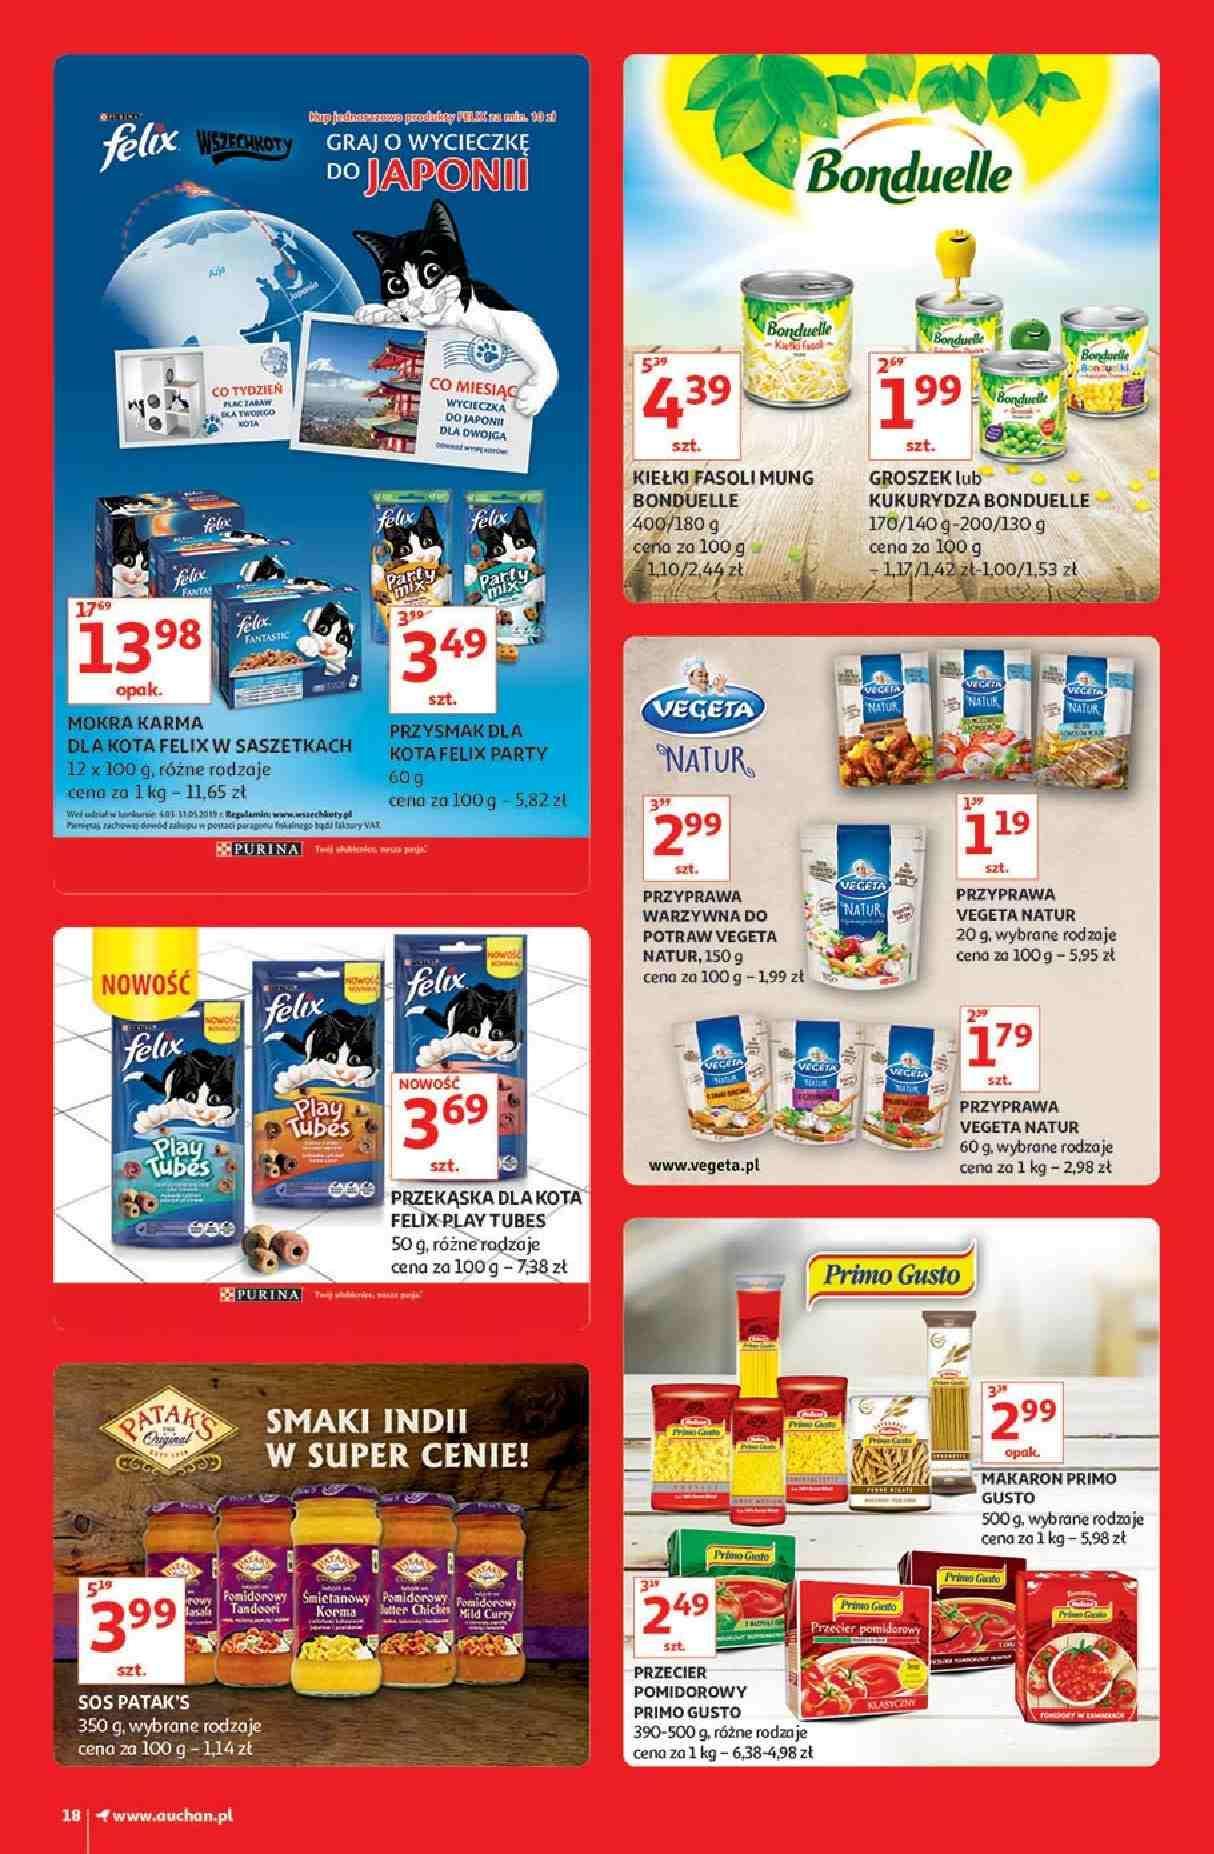 Gazetka promocyjna Auchan do 13/03/2019 str.18